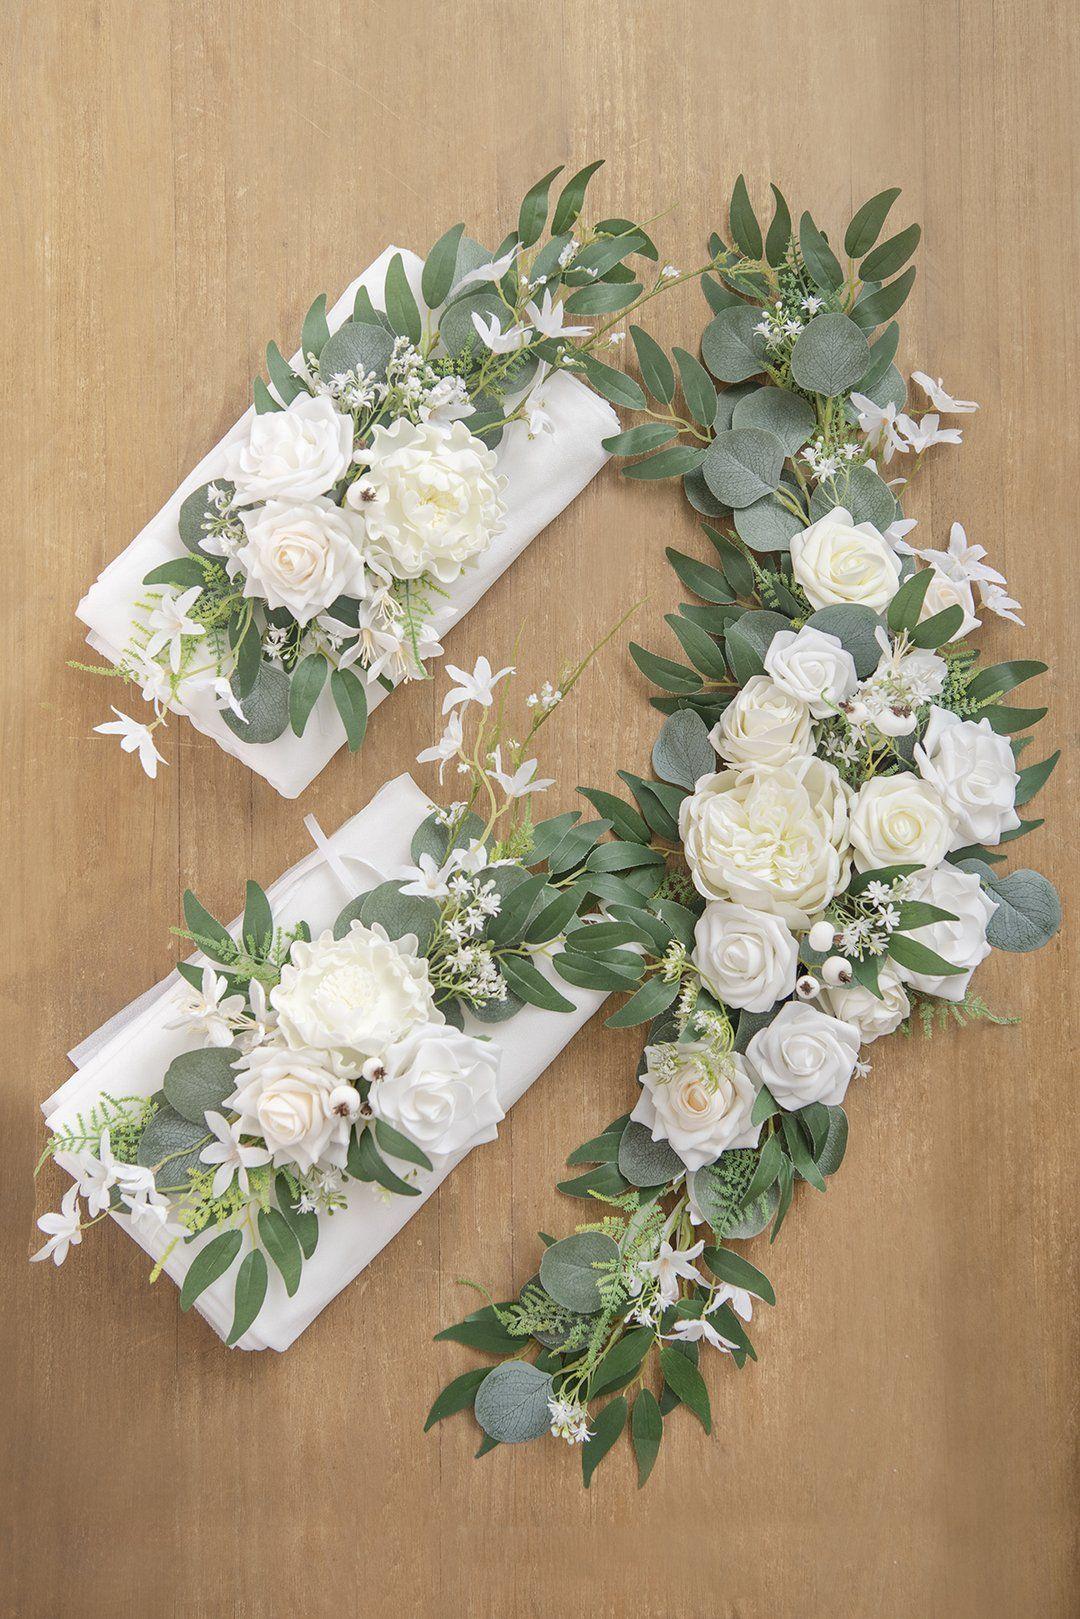 Wedding Arch Floral Kit Flower Arrangement & Sheer Swag